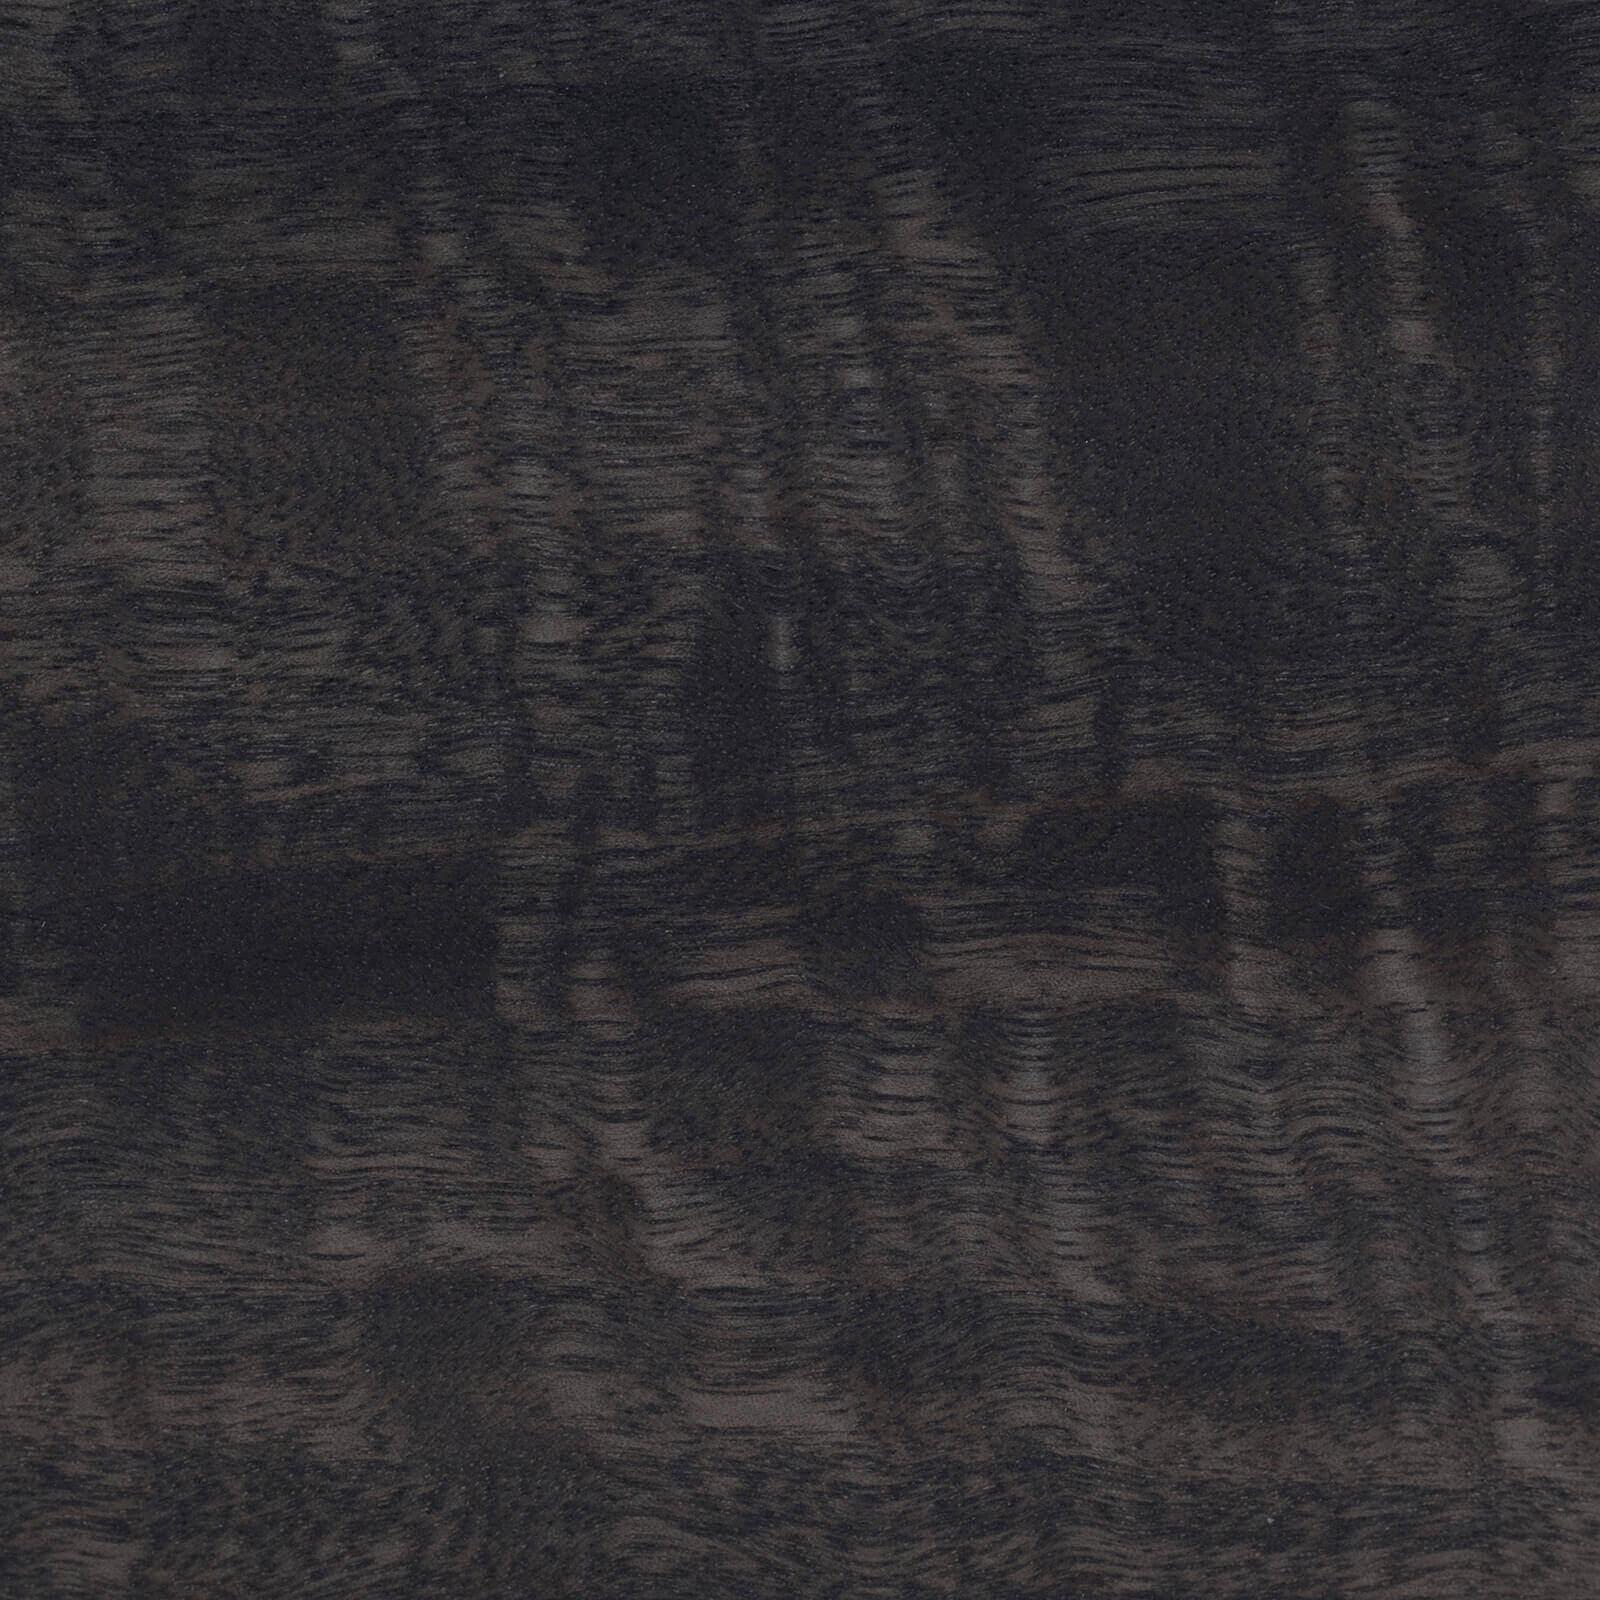 Oxidized Eucalyptus